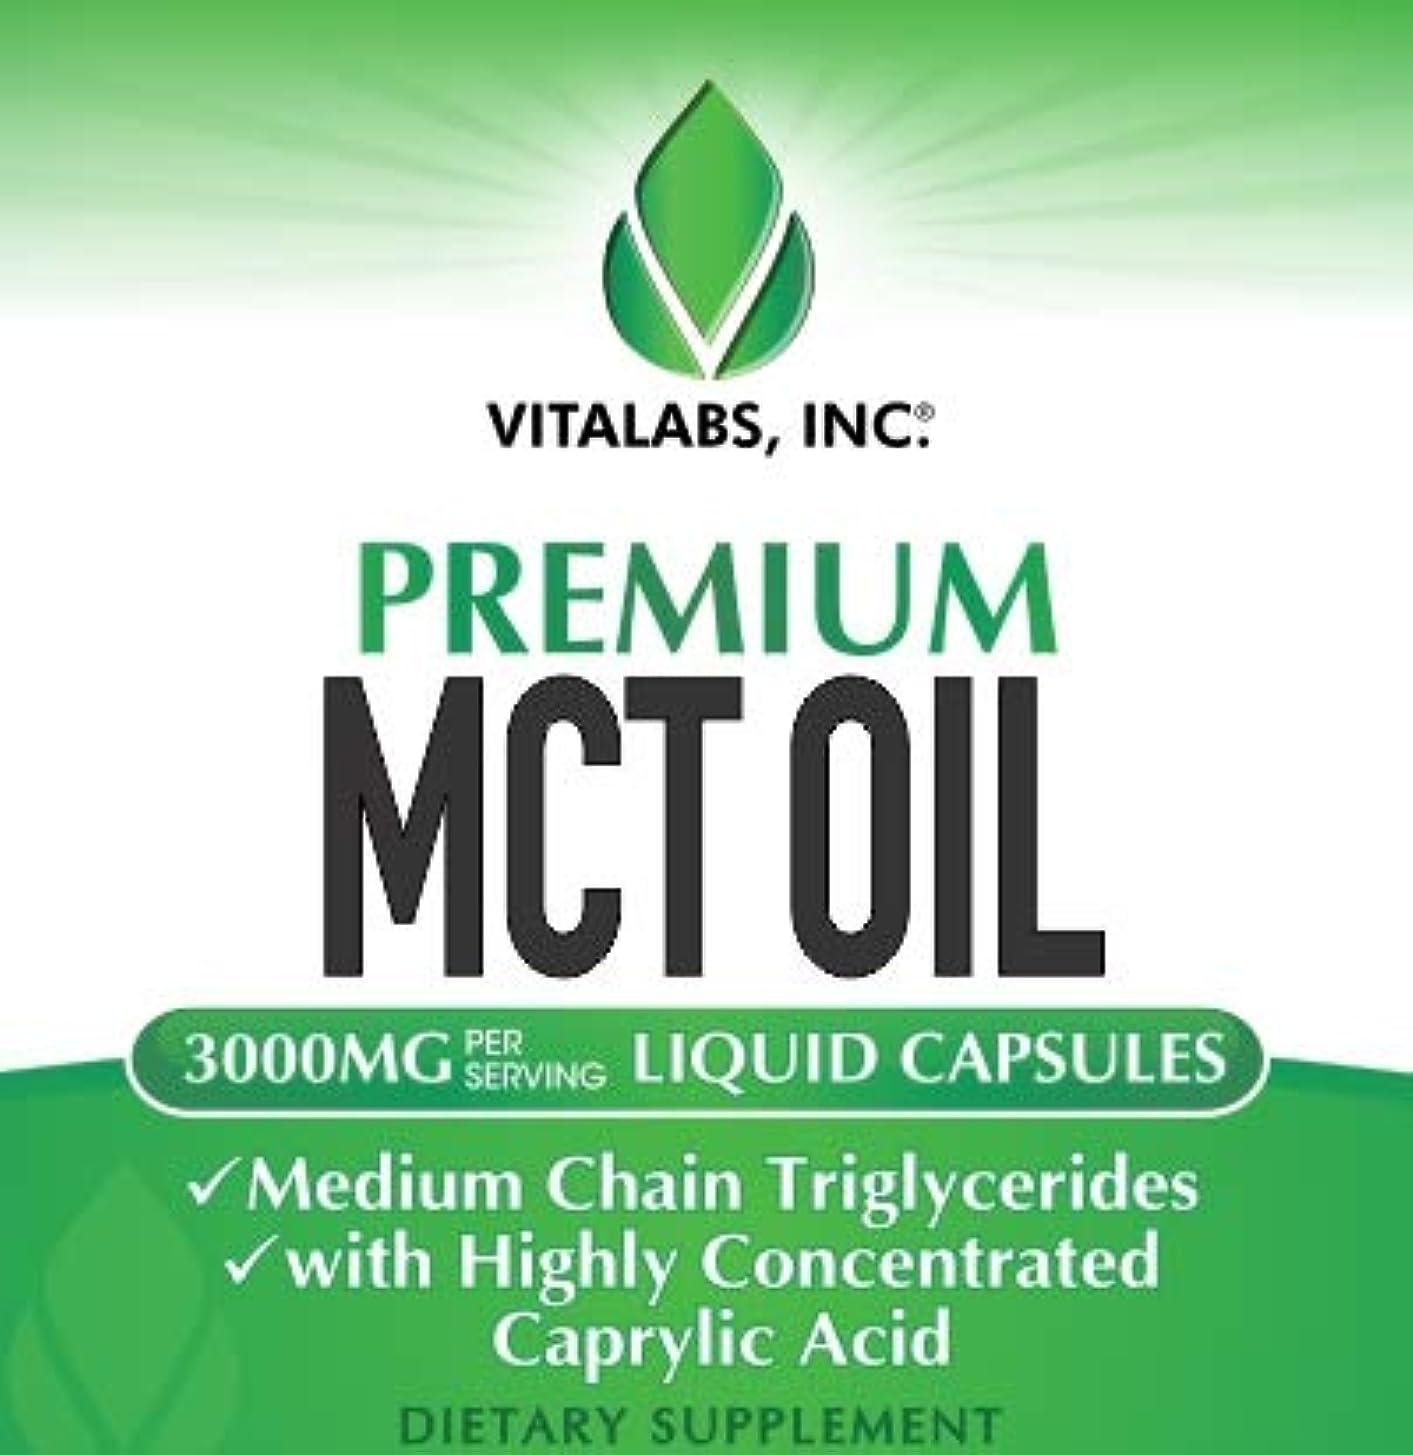 クリームはねかける暗記する取りやすいジェルカプセルタイプ?ココナッツ由来-MCT オイル/3000mg(1Serving=4カプセル) 120Capsules 【Vitalabs.MCT Oil】 (1)